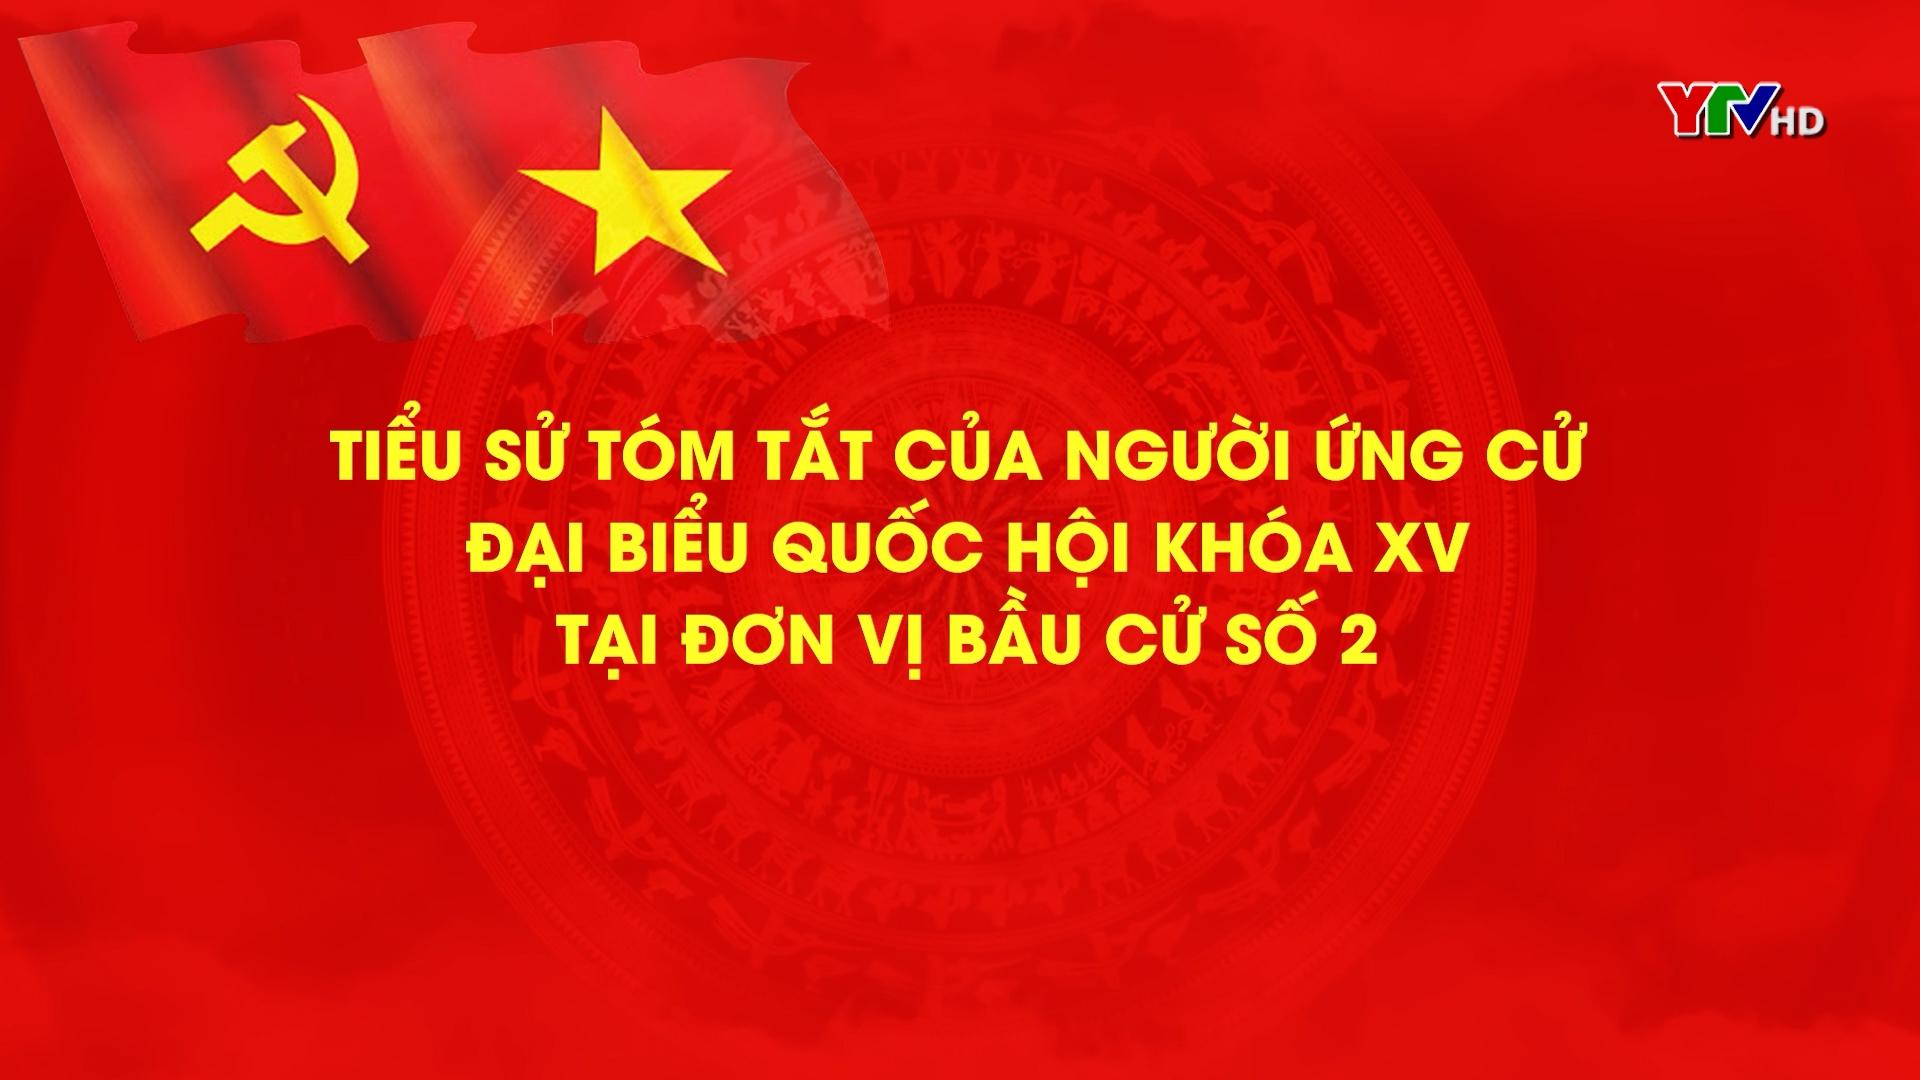 Danh sách các ứng cử viên Đại biểu Quốc hội khóa XV ( Đơn vị Bầu cử số 2) - Tiếng Mông